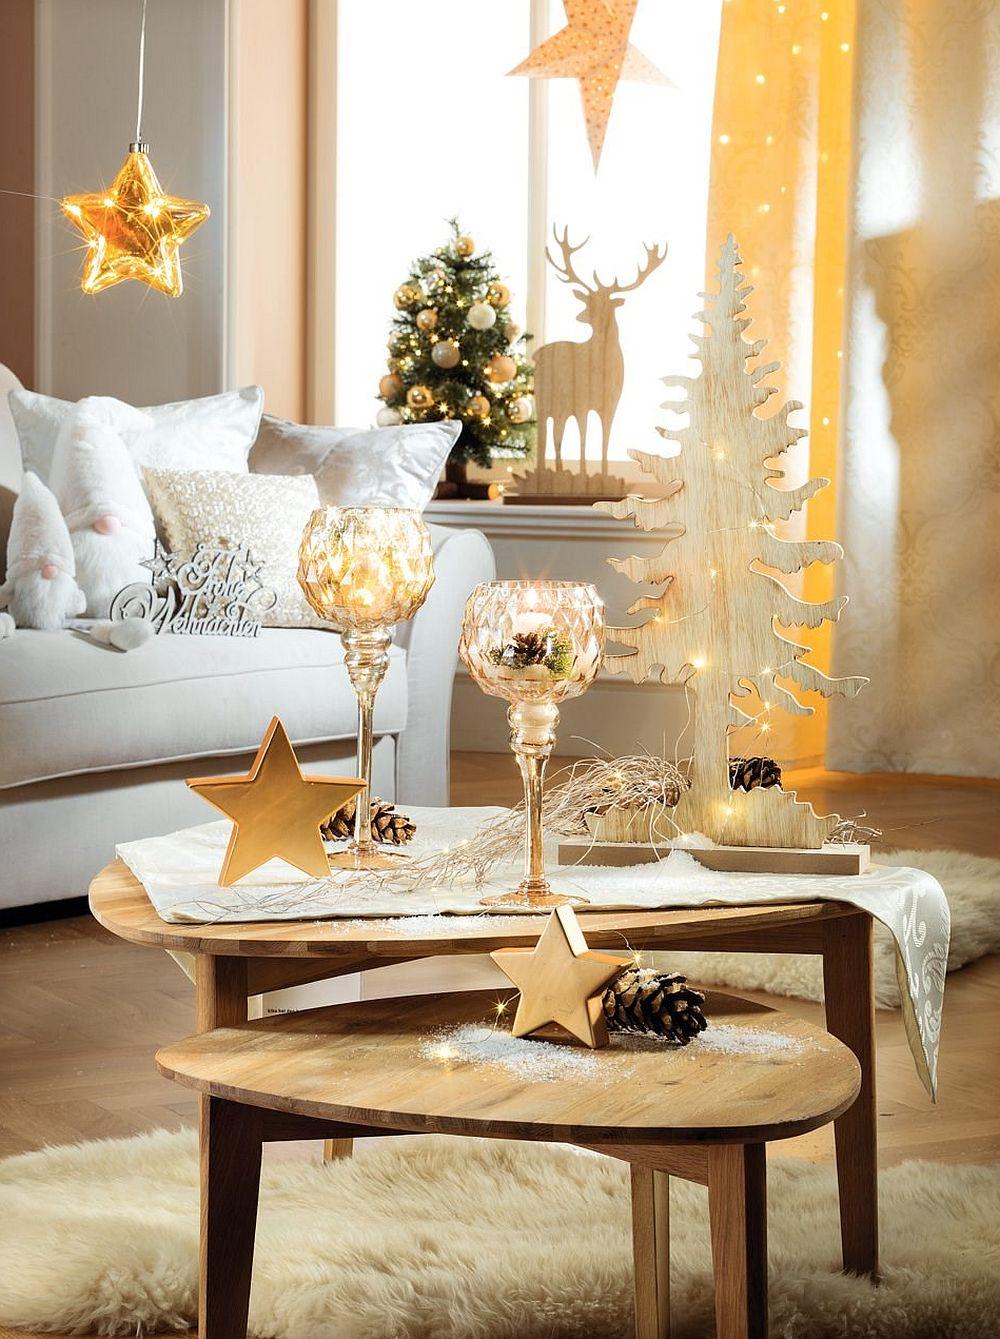 Alb, auriu și lemn, o combinație mereu elegantă și caldă de Crăciun. Vezi mai multe AICI.